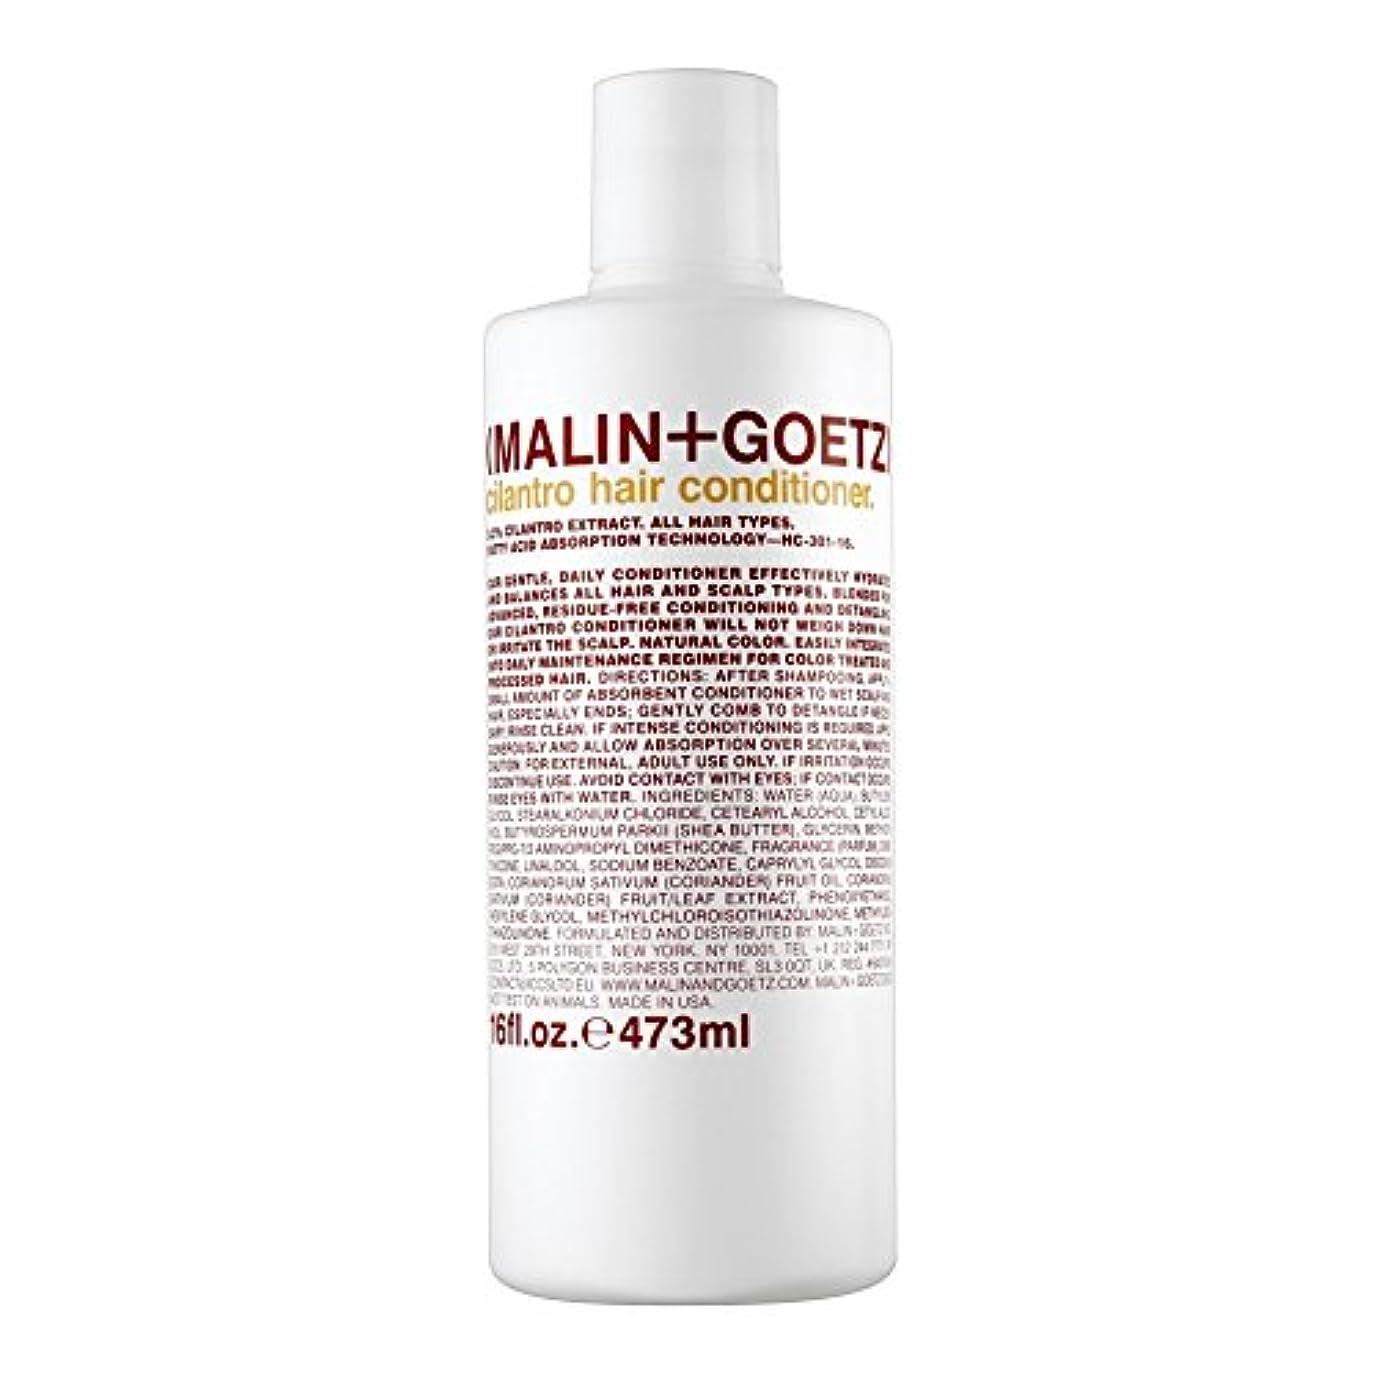 長老鼻全員マリン+ゲッツコリアンダーのヘアコンディショナー473ミリリットル x2 - MALIN+GOETZ Cilantro Hair Conditioner 473ml (Pack of 2) [並行輸入品]